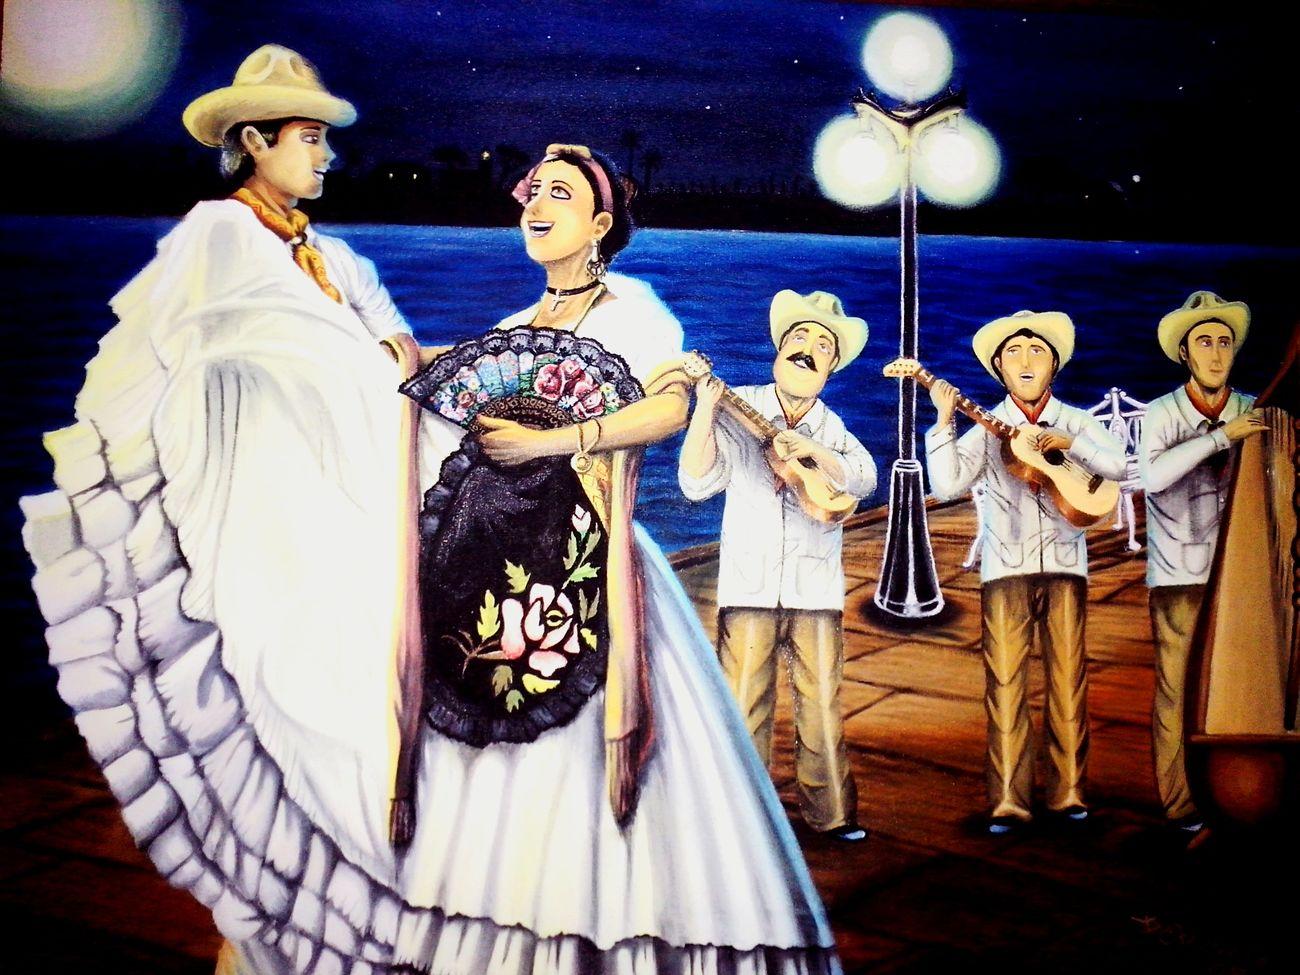 Arte Cultura Tradiciones Pintura Tlacotalpan Sonjarocho Veracruz, México Noche Muelle Jarana Music